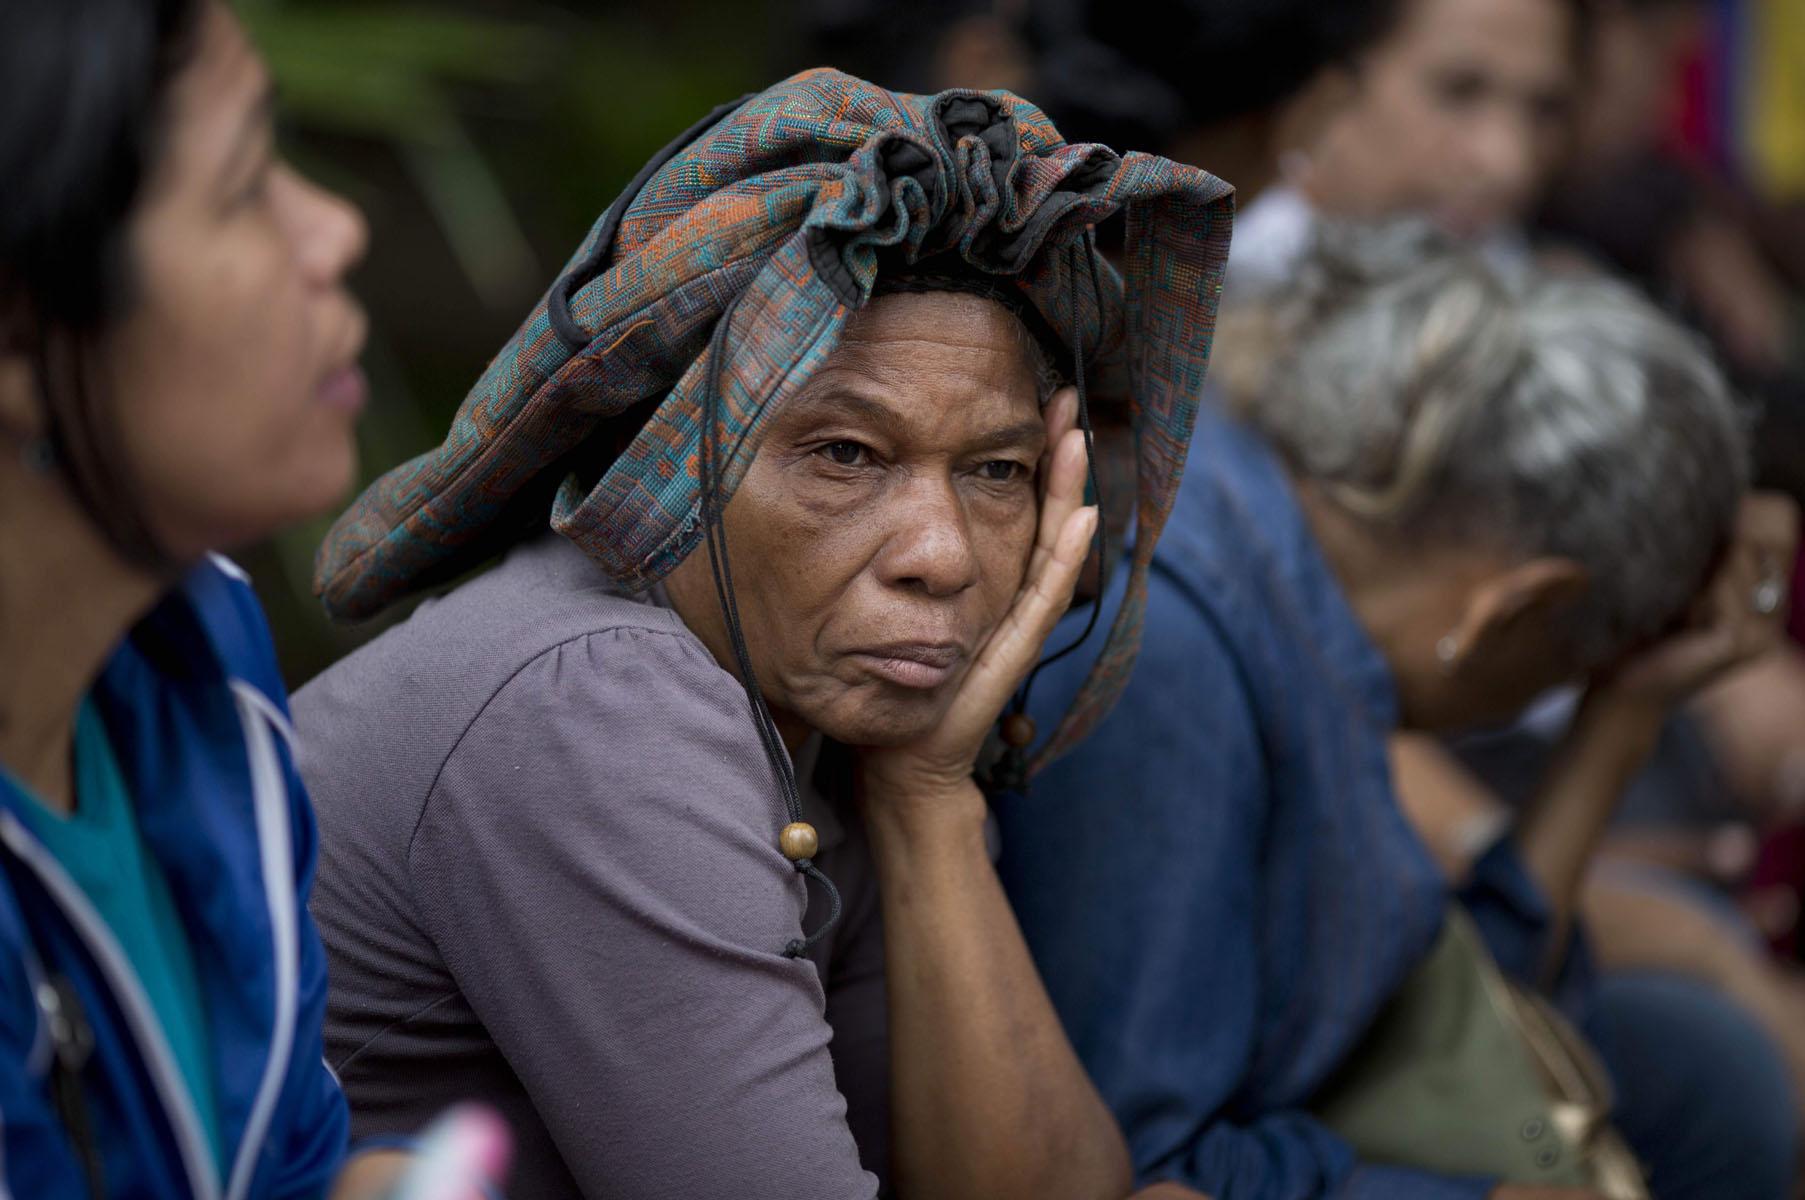 En esta fotografía del martes 3 de mayo de 2016, Adelaida Ospina se cubre la cabeza con un bolso de mano mientras espera en la fila afuera de un supermercado de Caracas, Venezuela, con el fin de comprar alimentos. El venezolano promedio pasa 35 horas al mes esperando para comprar productos básicos. Ospina dijo que llegó a las 5:40 de la mañana. (AP Foto/Ariana Cubillos)